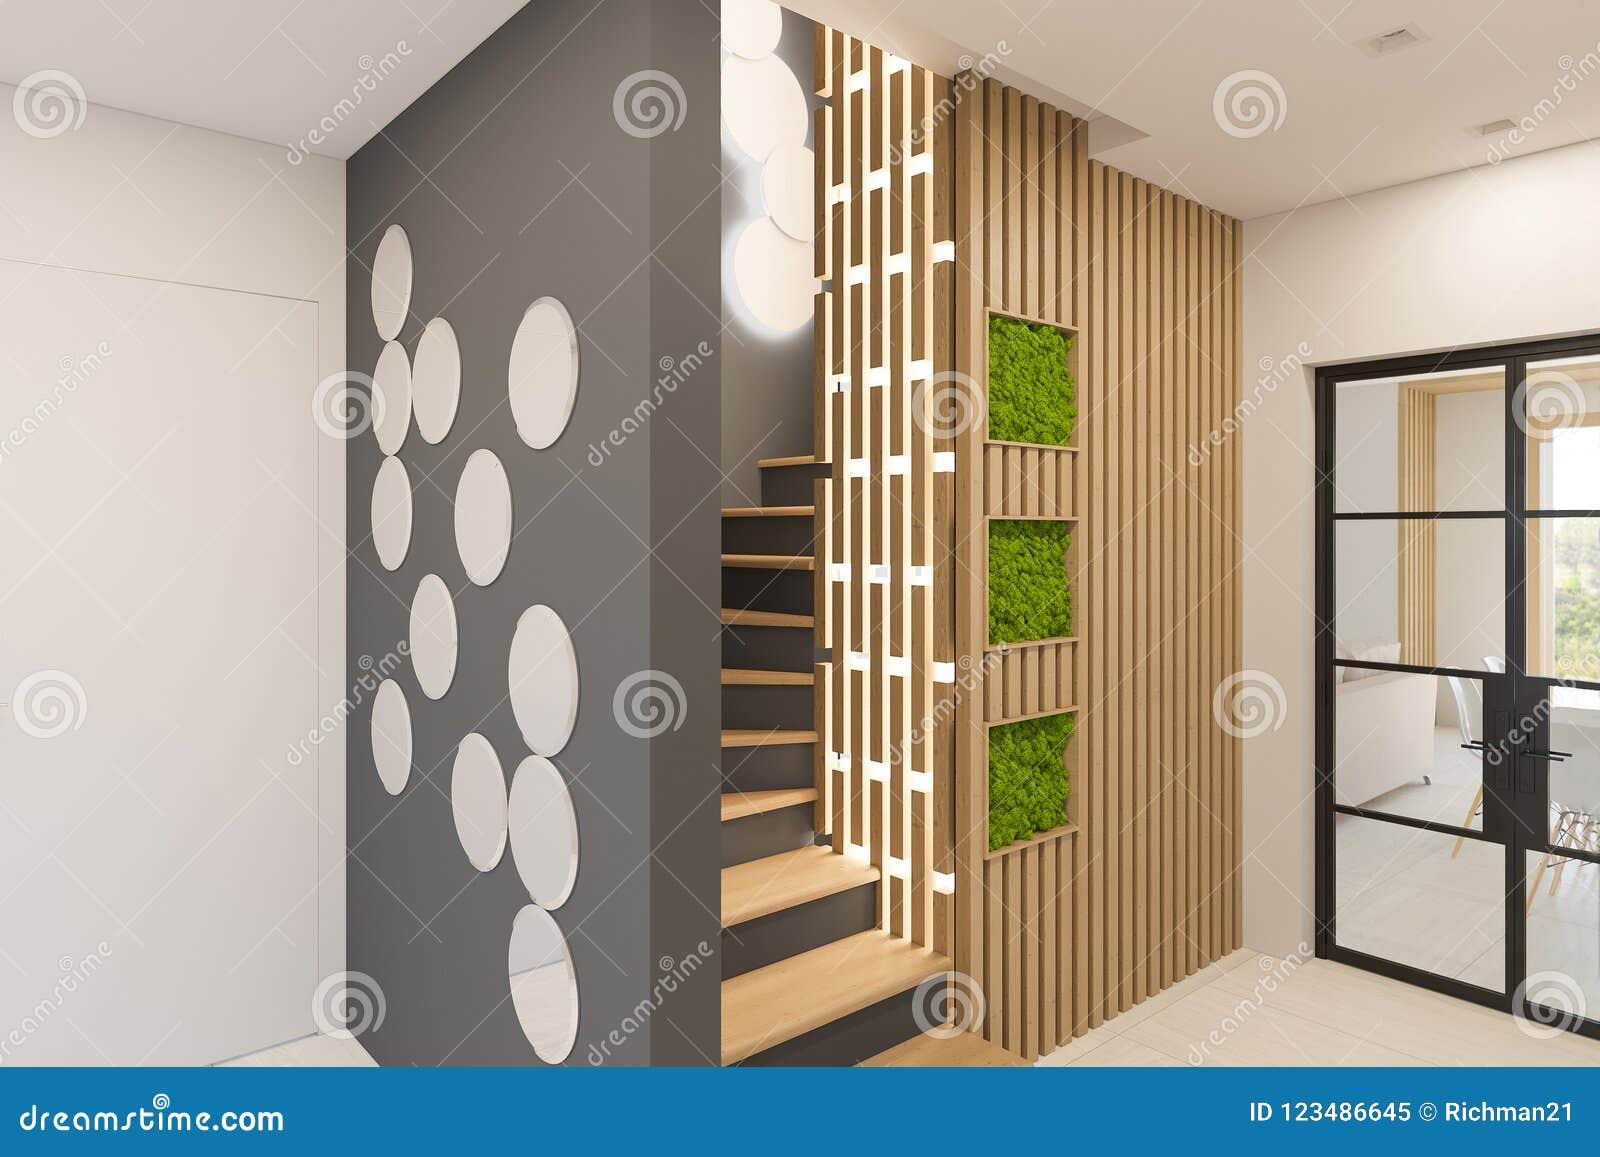 D rendono l interior design di un atrio in una casa di campagna